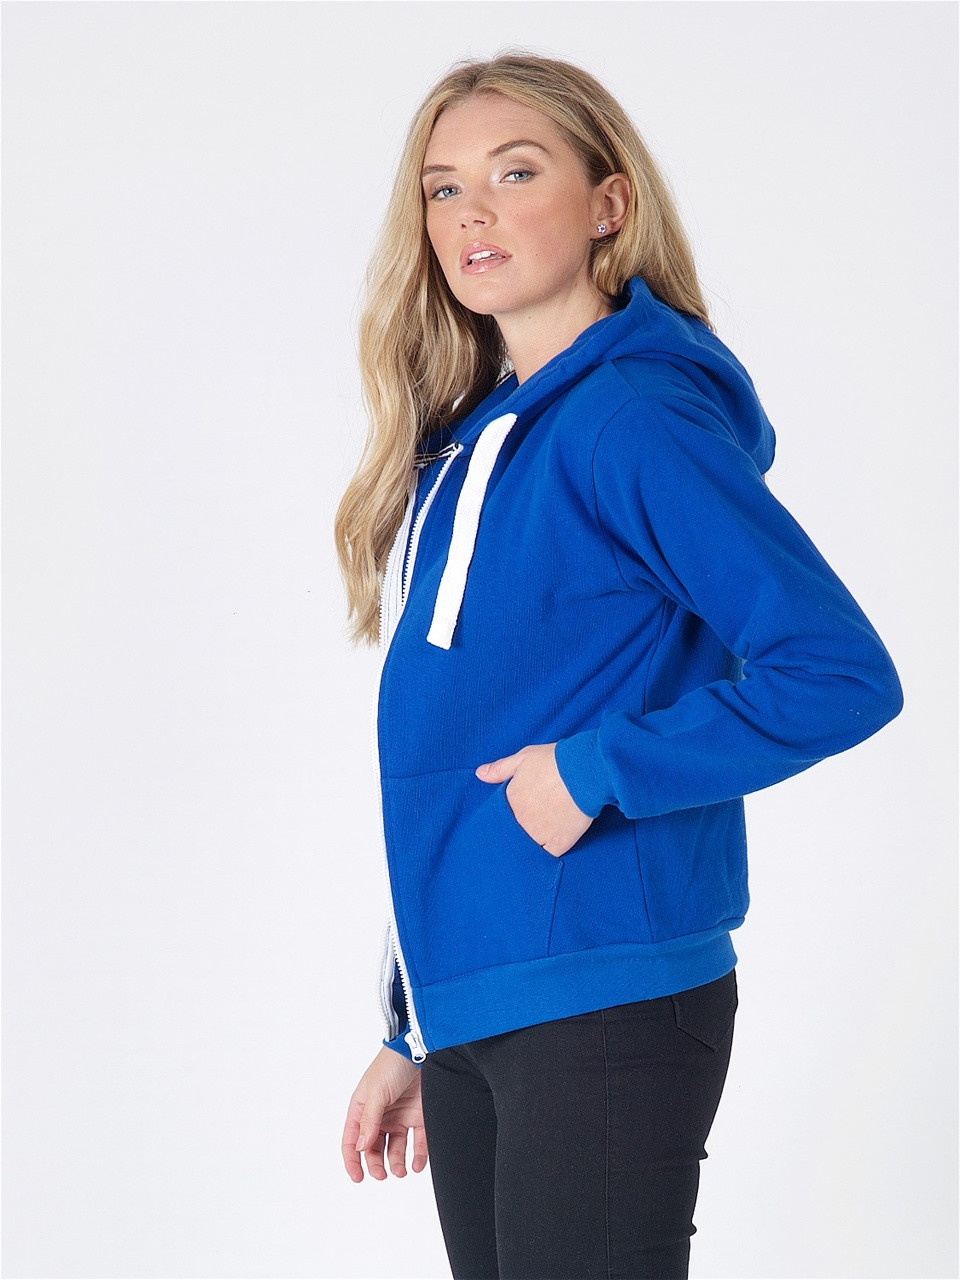 Jersey Zip Hoodie in Royal Blue